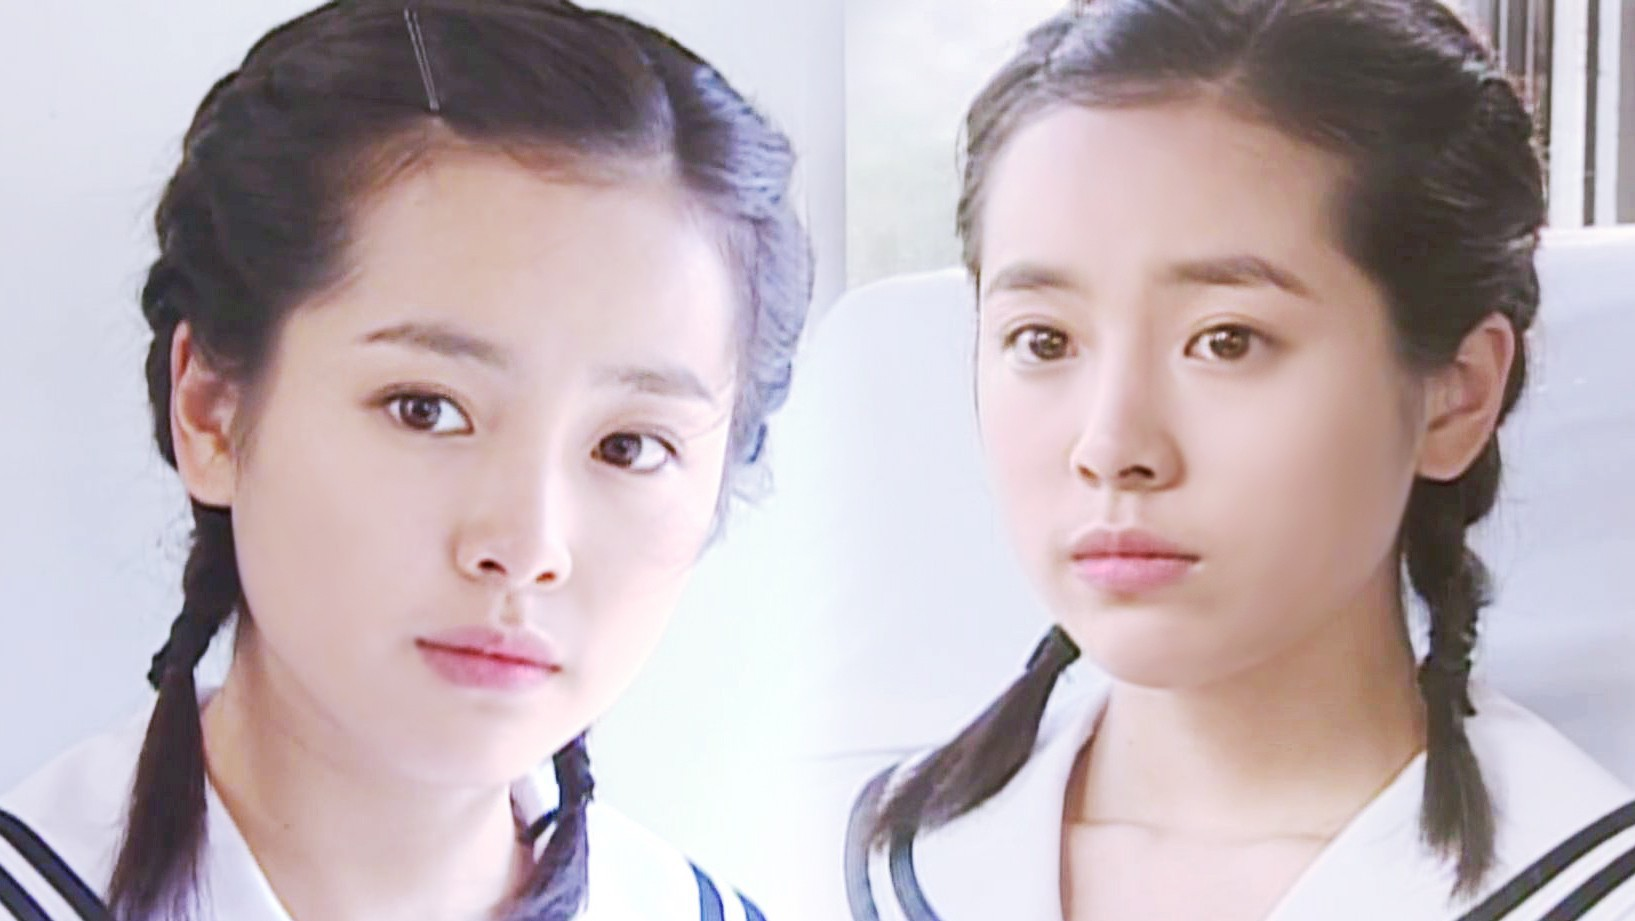 Thủ vai nhí của 10 biểu tượng nhan sắc Hàn, người được khen quá giống, kẻ bị chê quá thua thiệt - Ảnh 15.